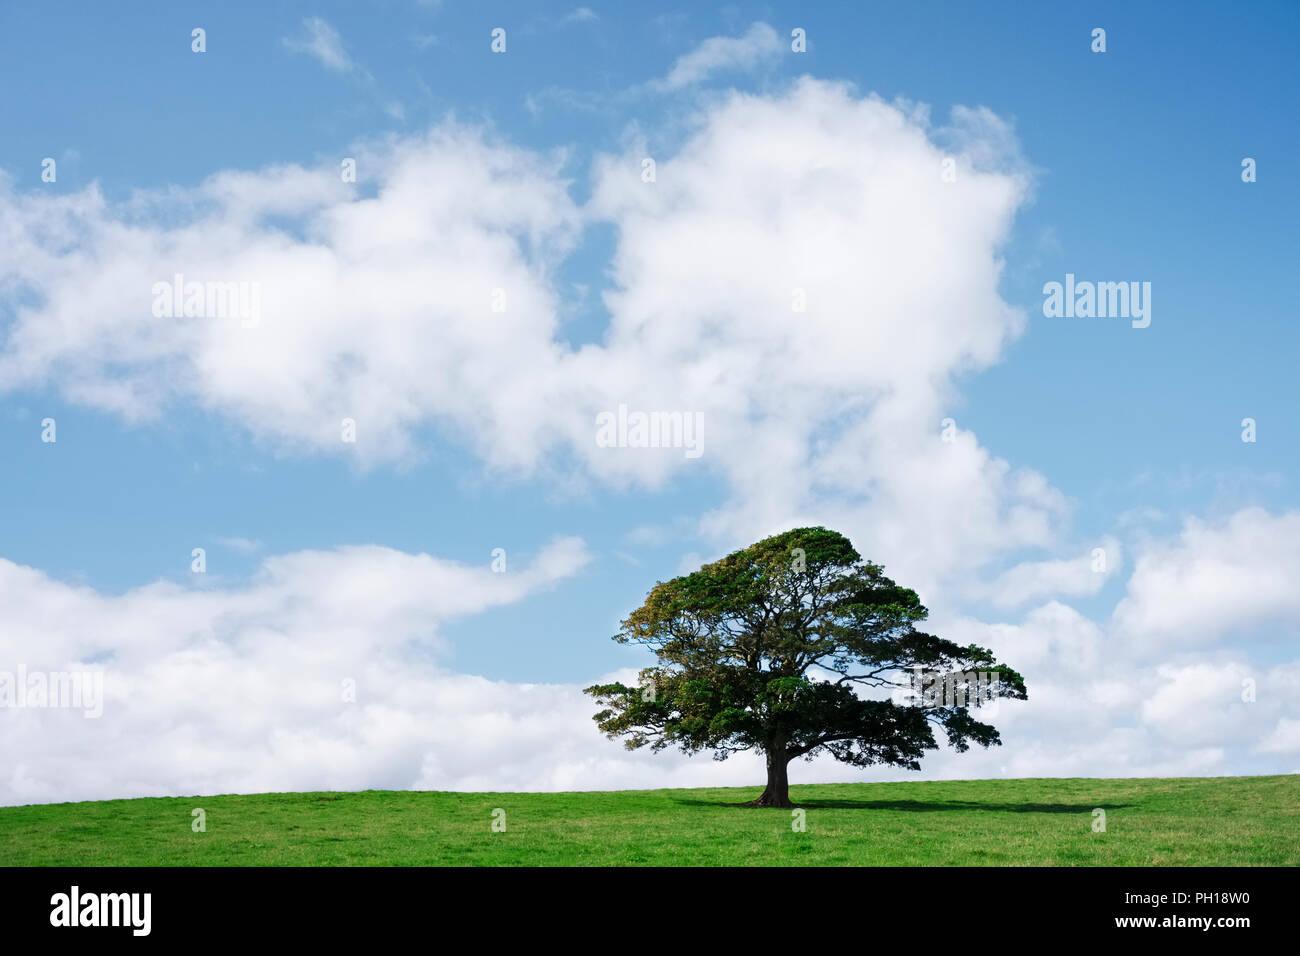 Unica struttura sul prato verde contro il cielo blu e nuvole Immagini Stock